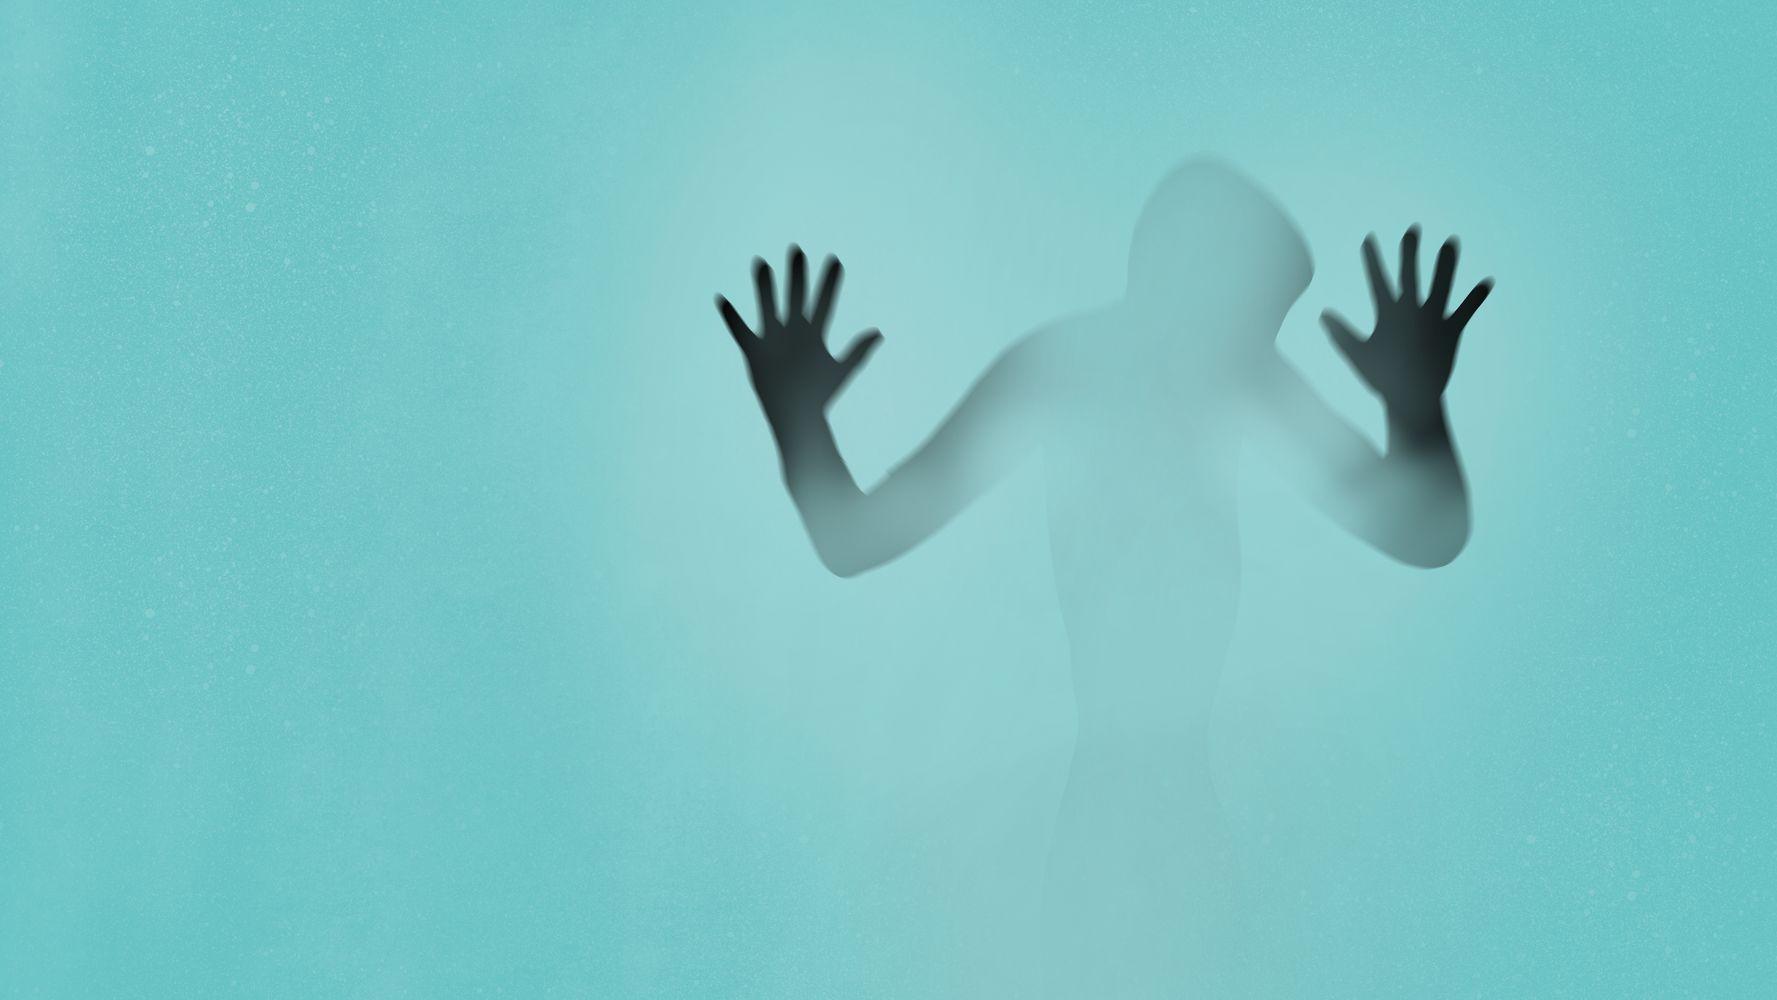 #Metooamnésie: aider les victimes d'amnésie traumatique, c'est possible - Le HuffPost